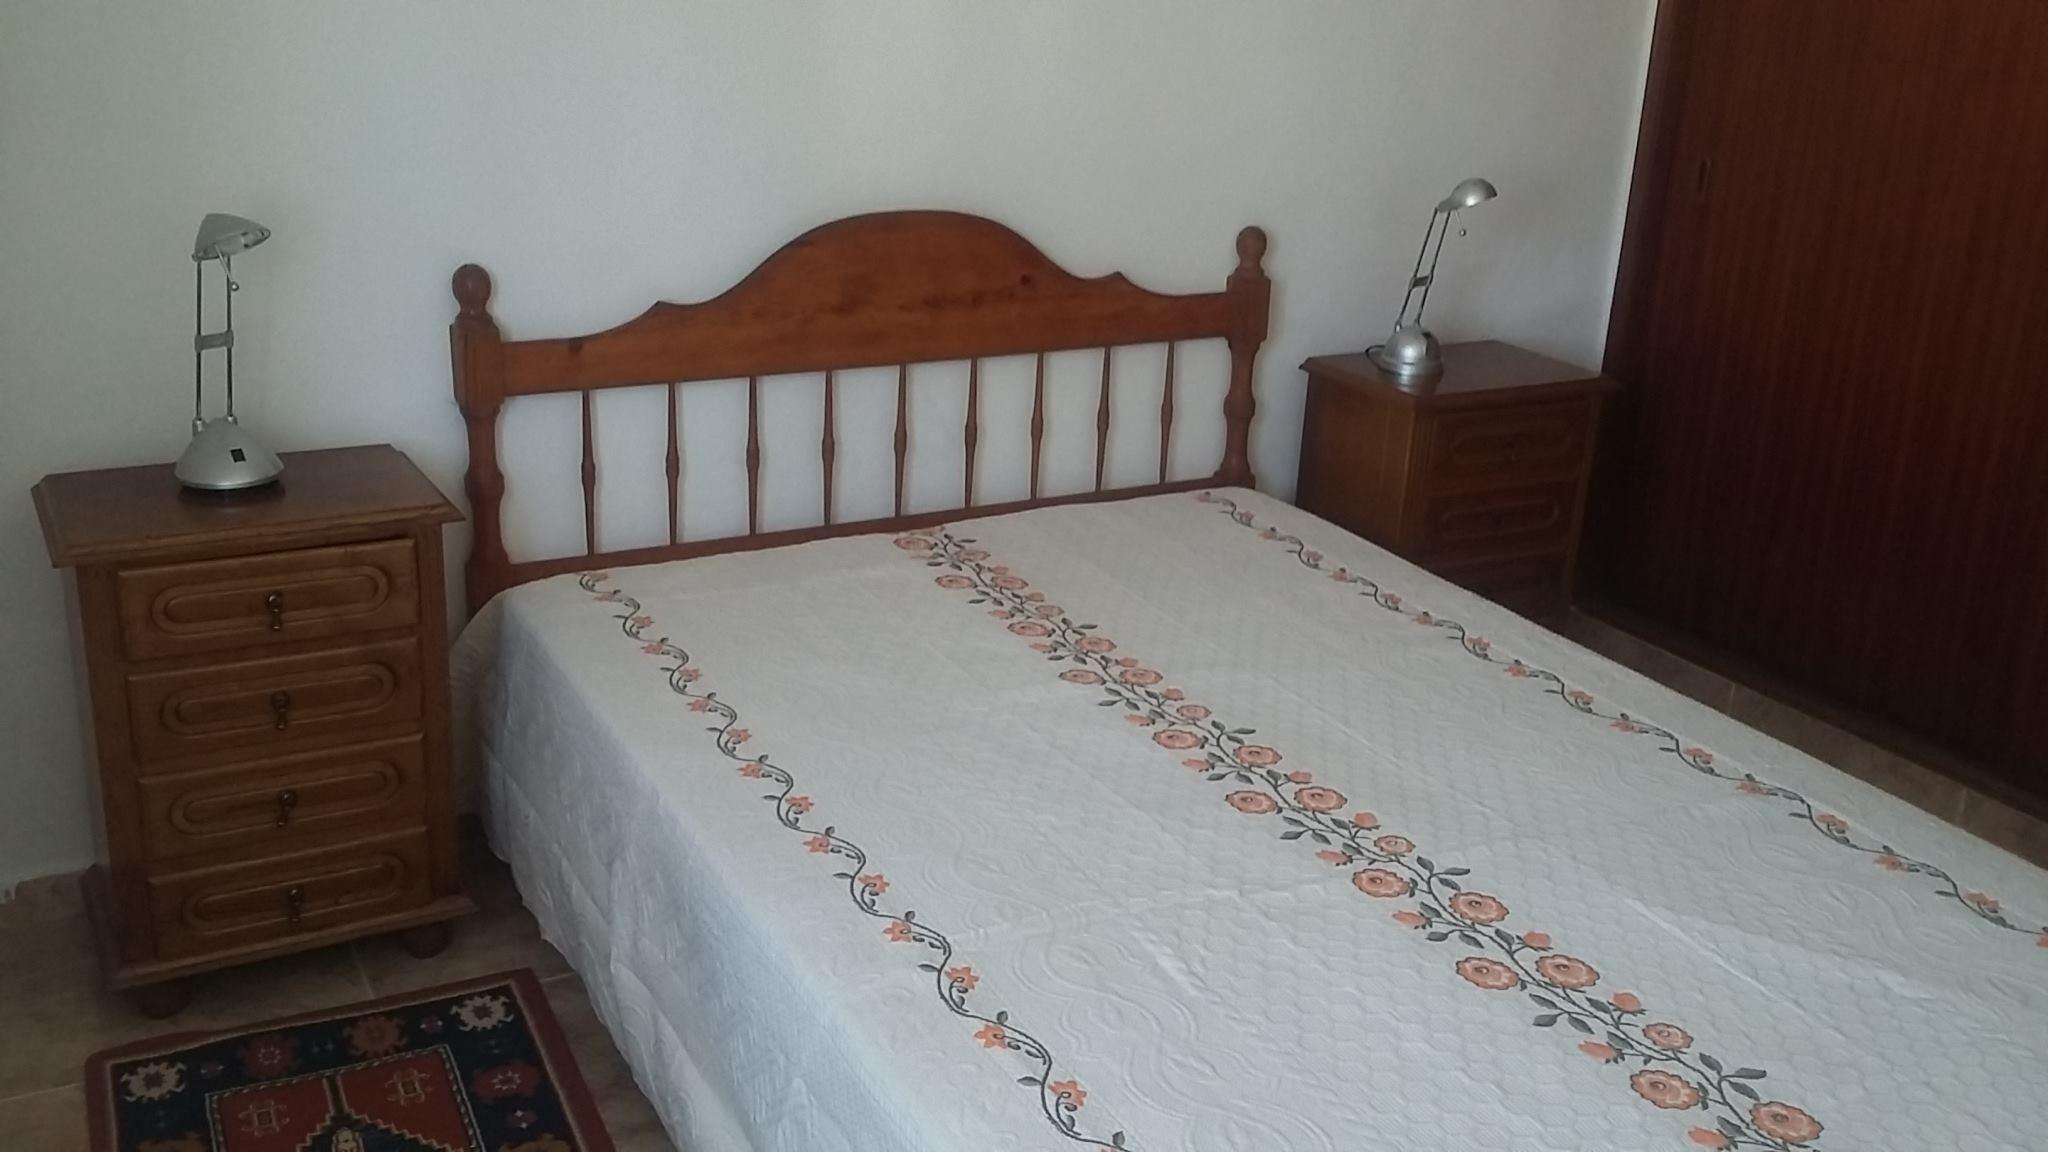 Location appartements et villas de vacance, Casa Vista Mar – Pêra – Armação de Pêra – Algarve. à Pêra, Portugal Algarve, REF_IMG_541_550